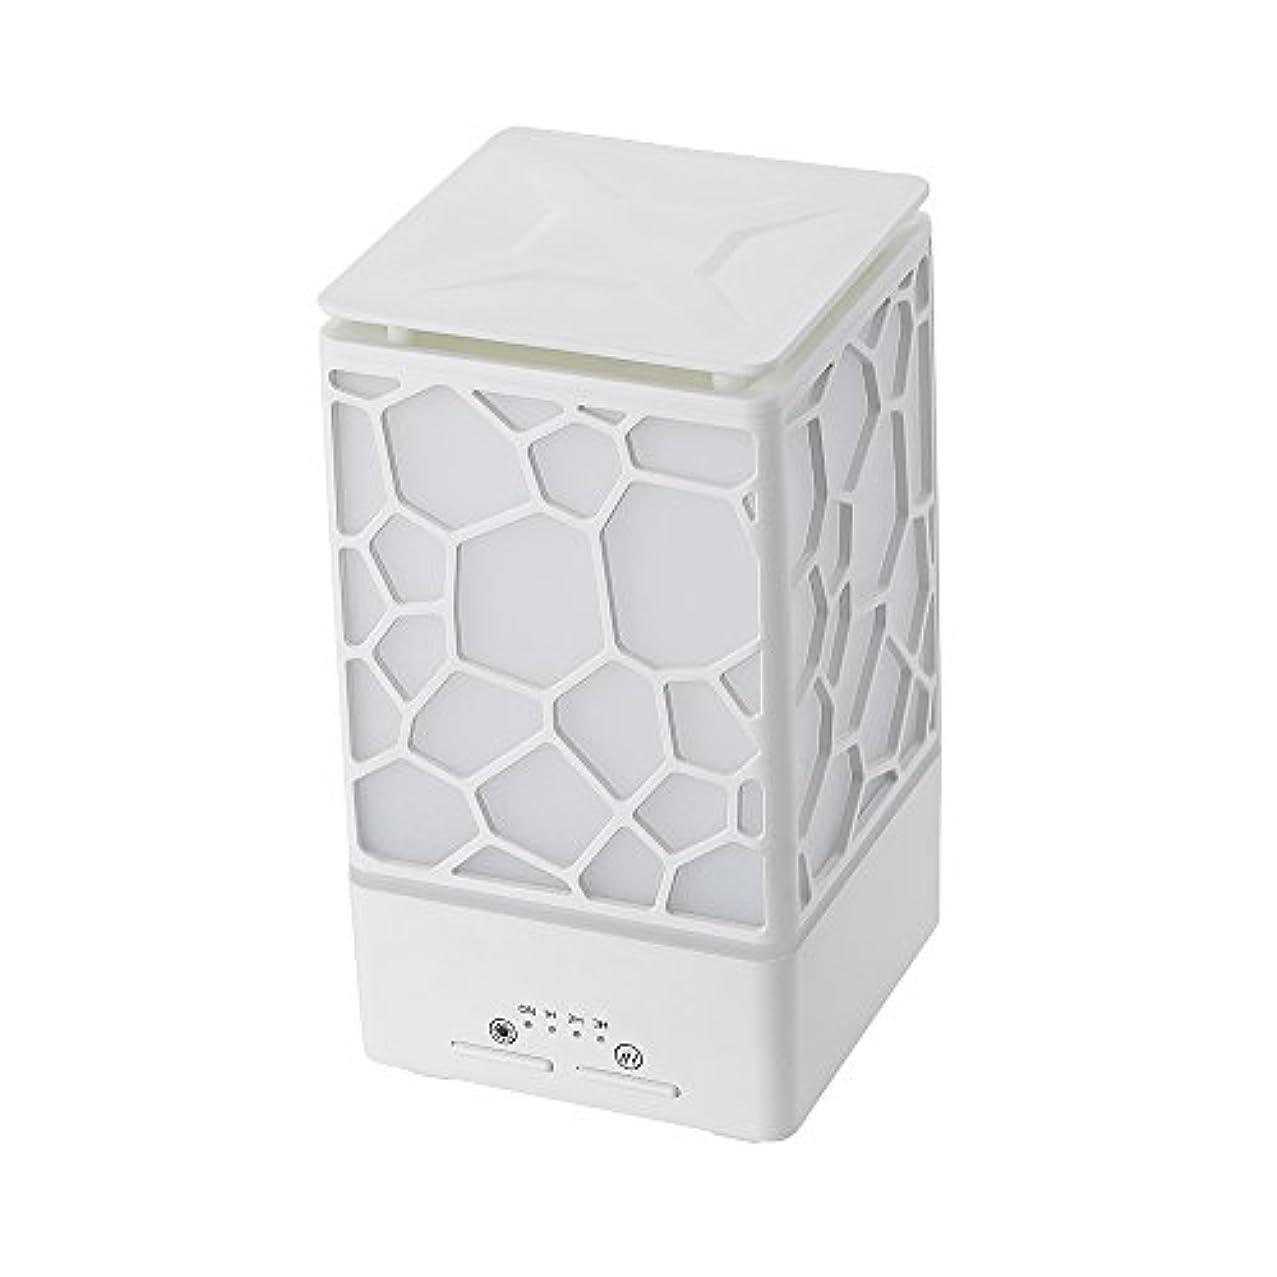 アームストロング悪名高いパリティ200ミリリットルアロマオイルディフューザー、3つの作業モードでウッドグレインアロマオイルディフューザーウォーターレスオートオフ7色ledライト,White